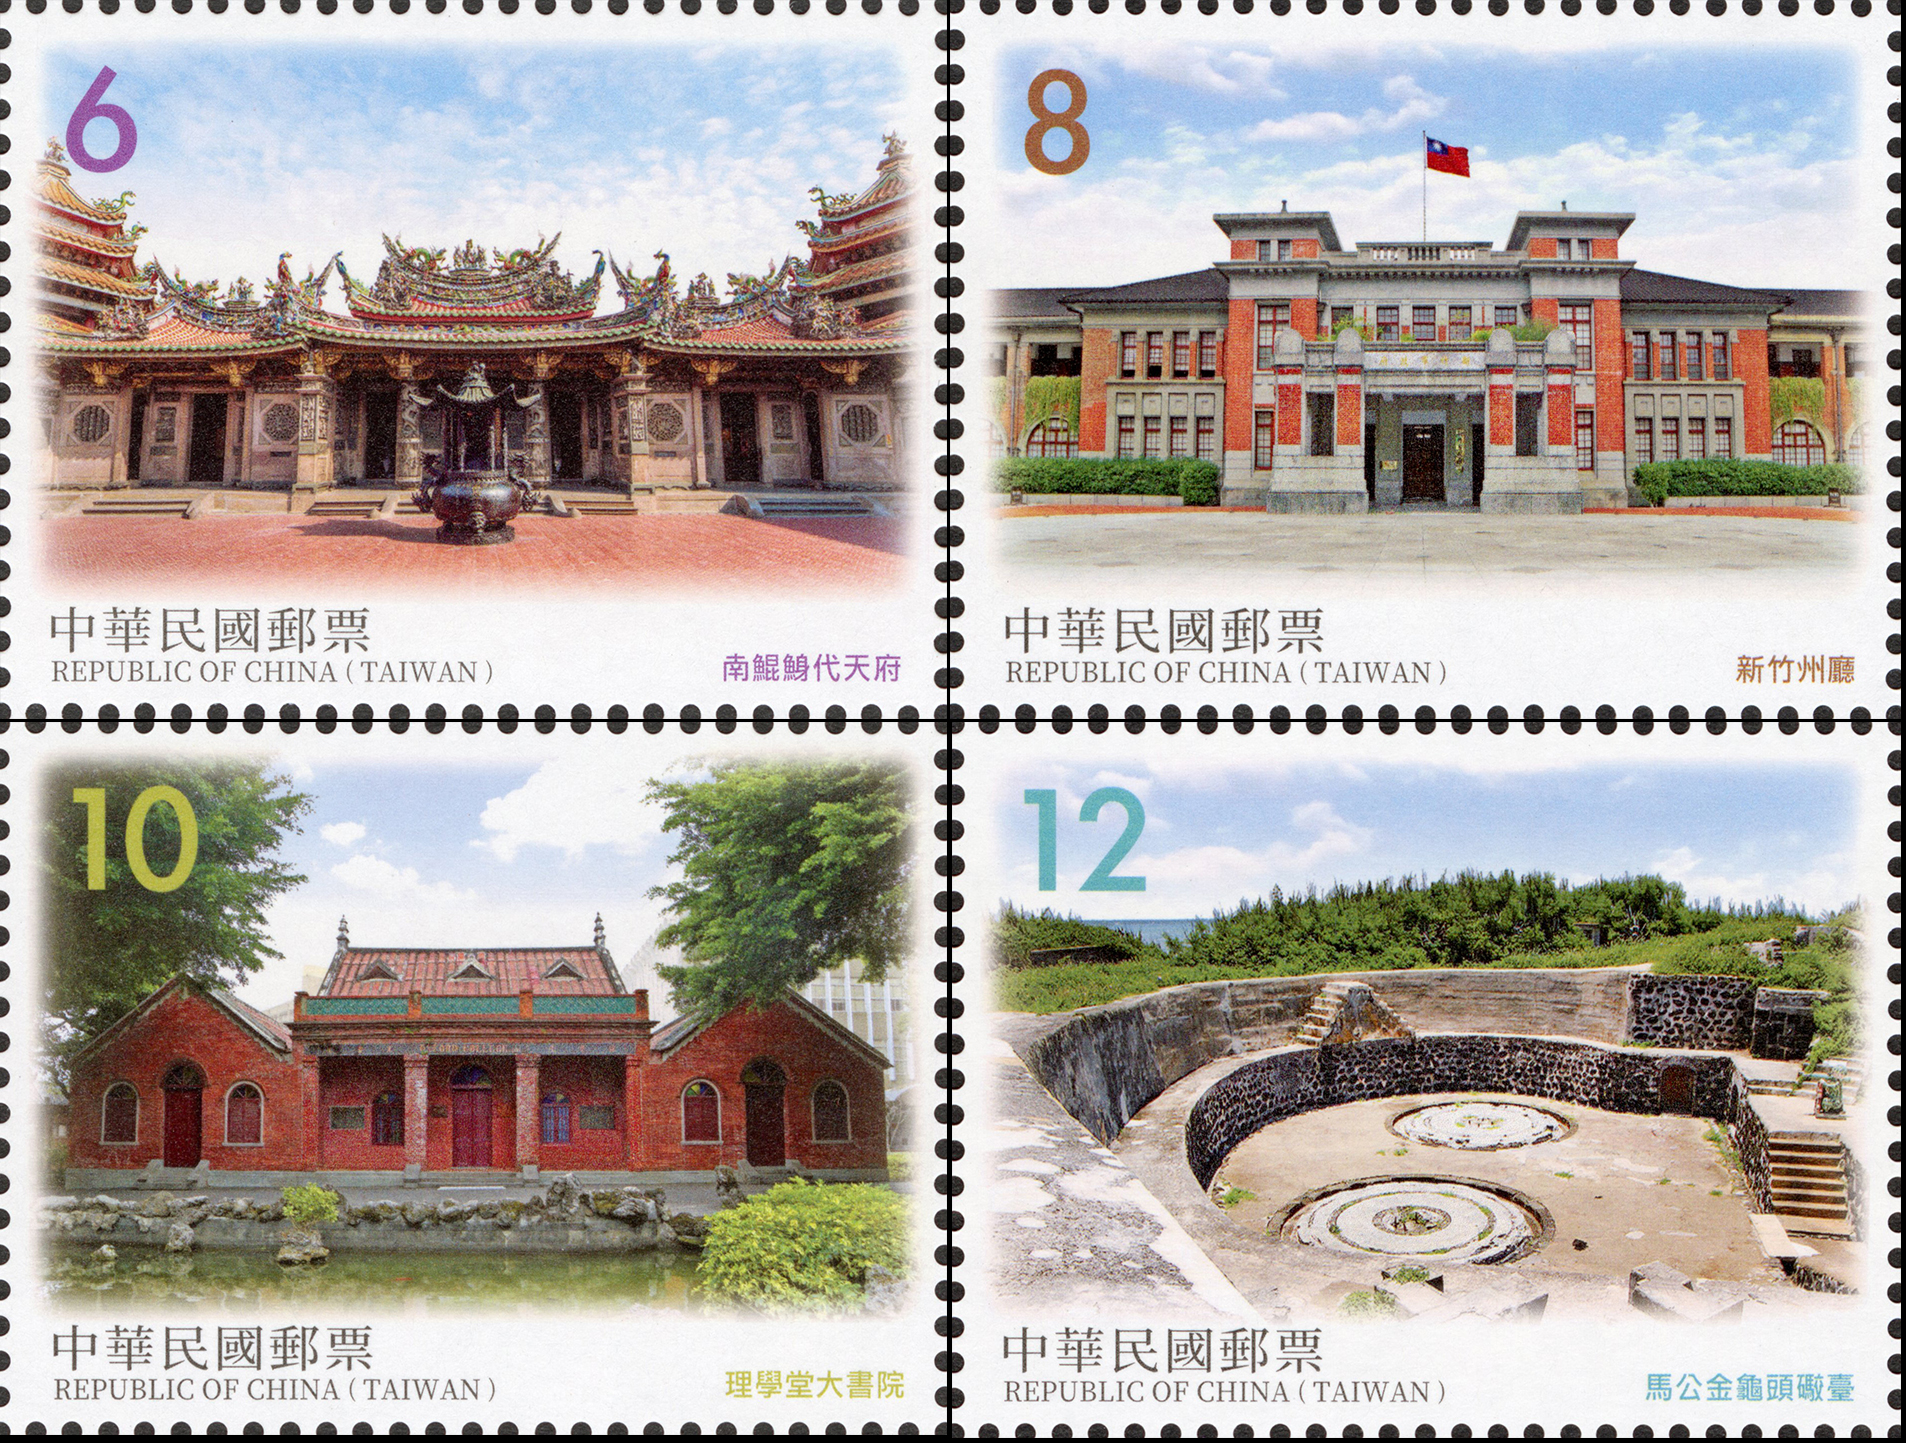 臺灣古蹟郵票(110年版)